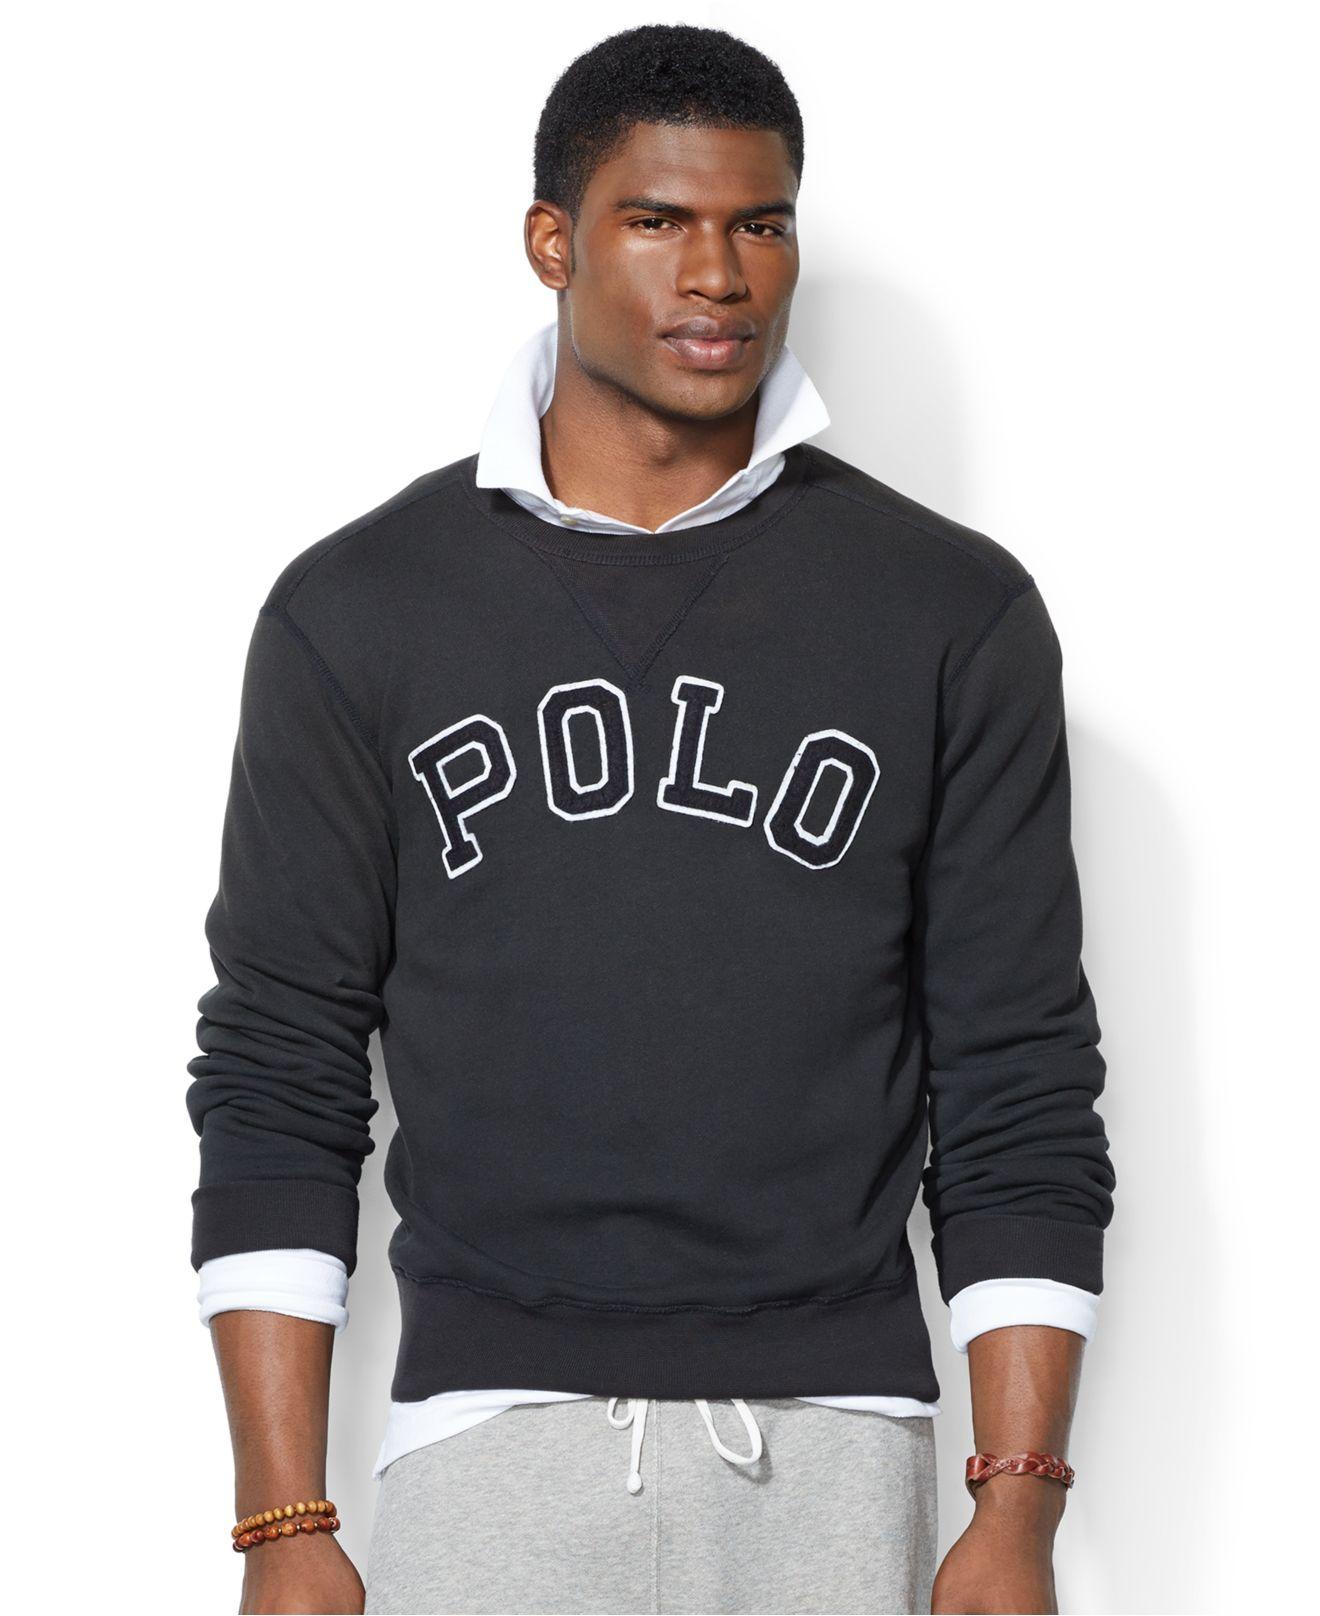 3209bc5fe ... discount code for lyst polo ralph lauren fleece crew neck sweatshirt in  black for men ec2b4